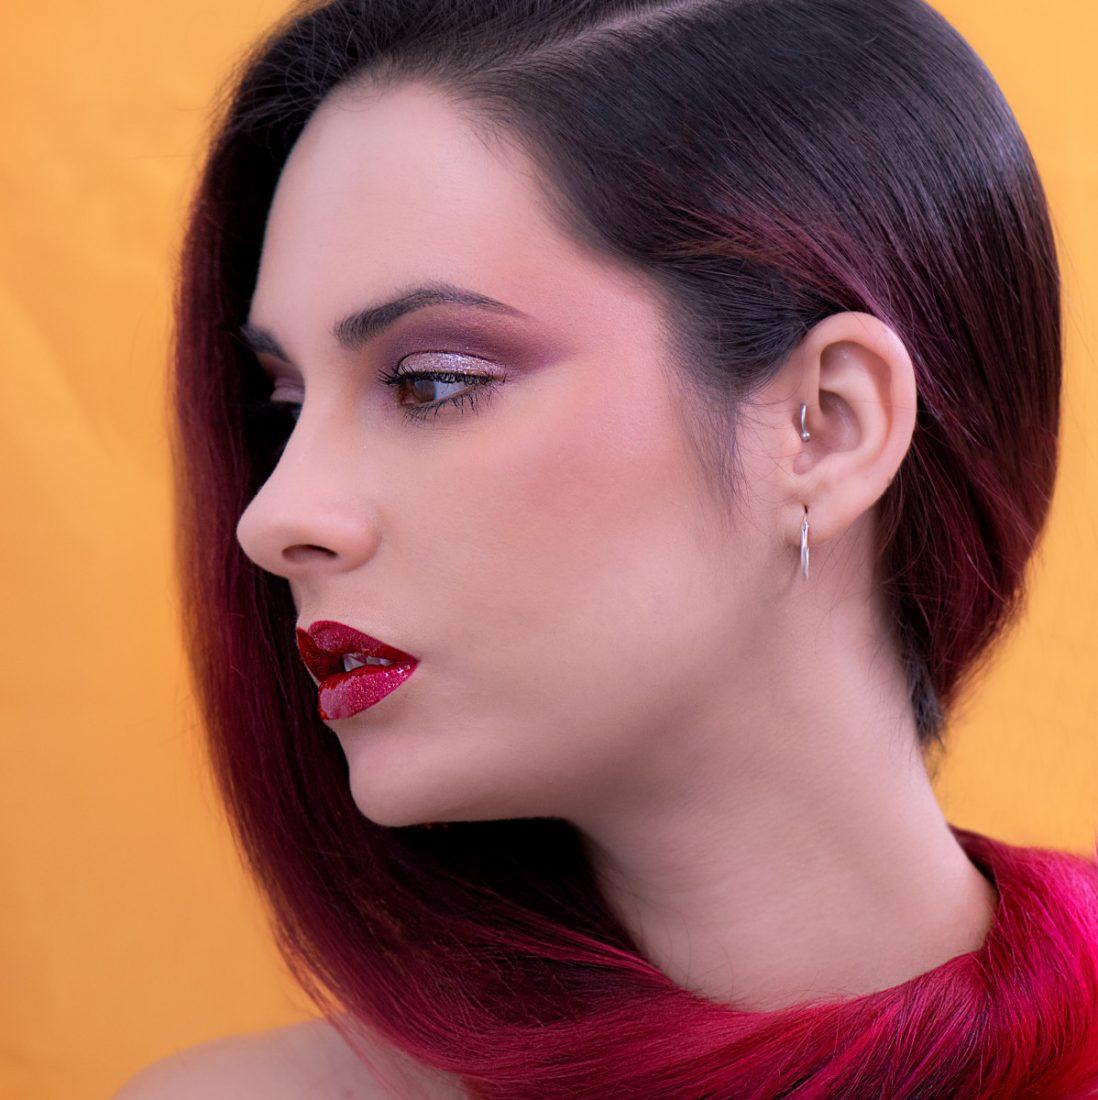 AionSur DSC6811-1 Crear, crecer y monetizar nuestra profesión: mundo freelancer Belleza  maquillaje profesional maquillaje de novias destacado cursos de maquillaje en sevilla curso de maquillaje profesional